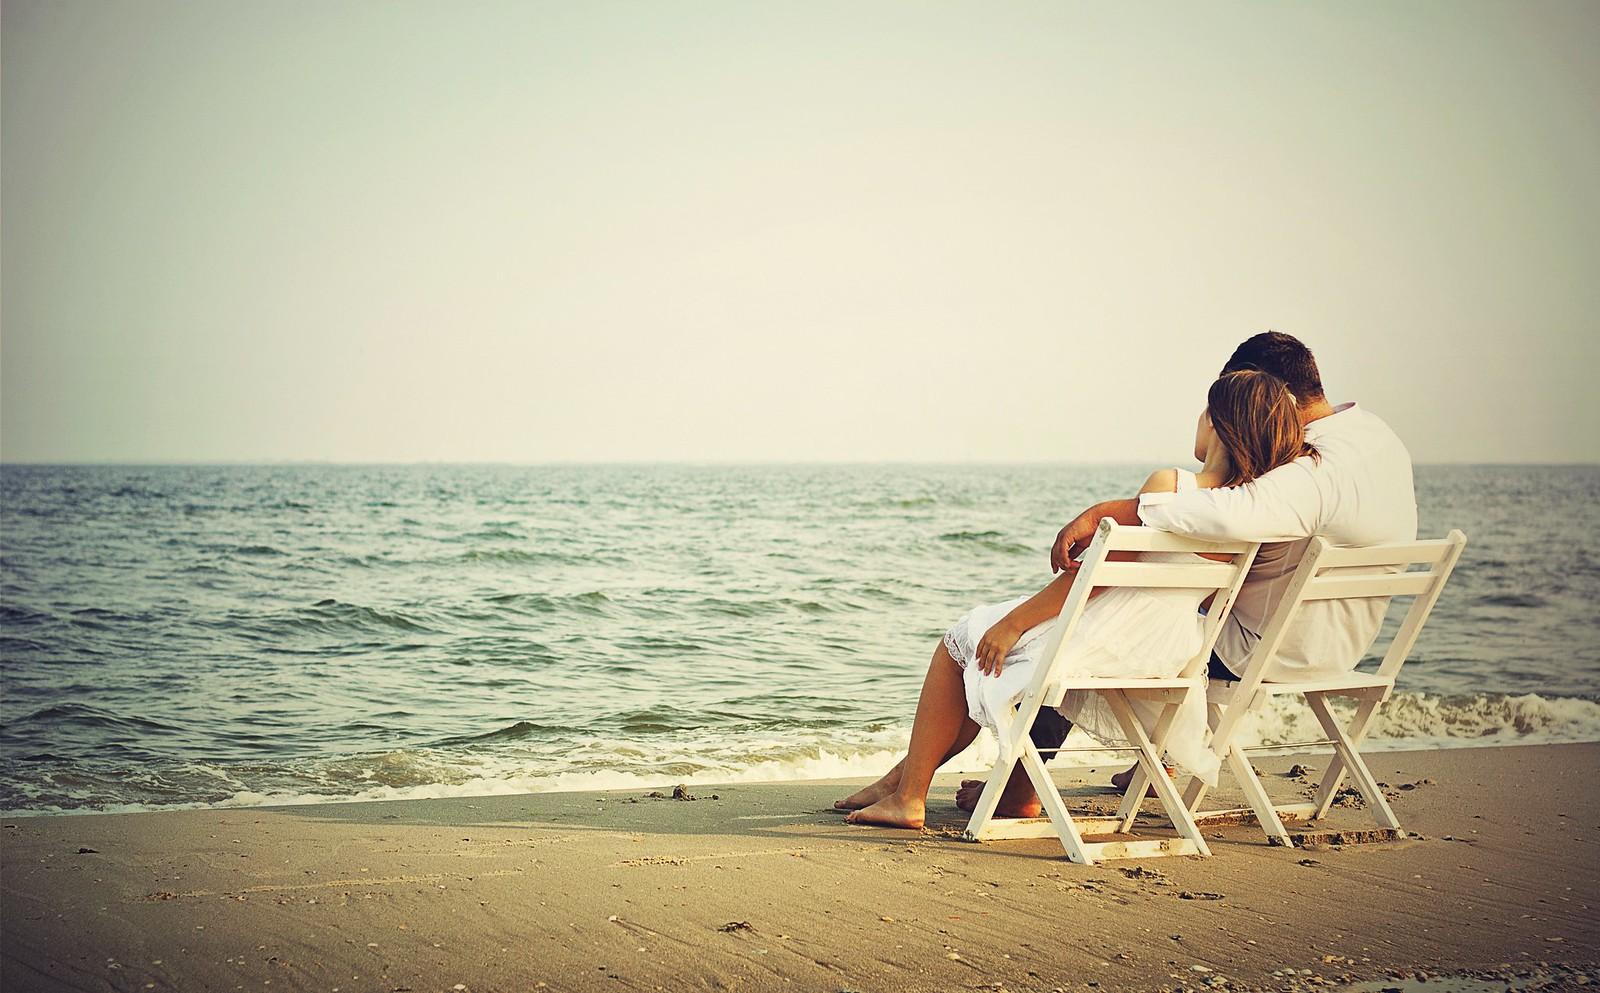 Romantic Couple Wallpaper Images